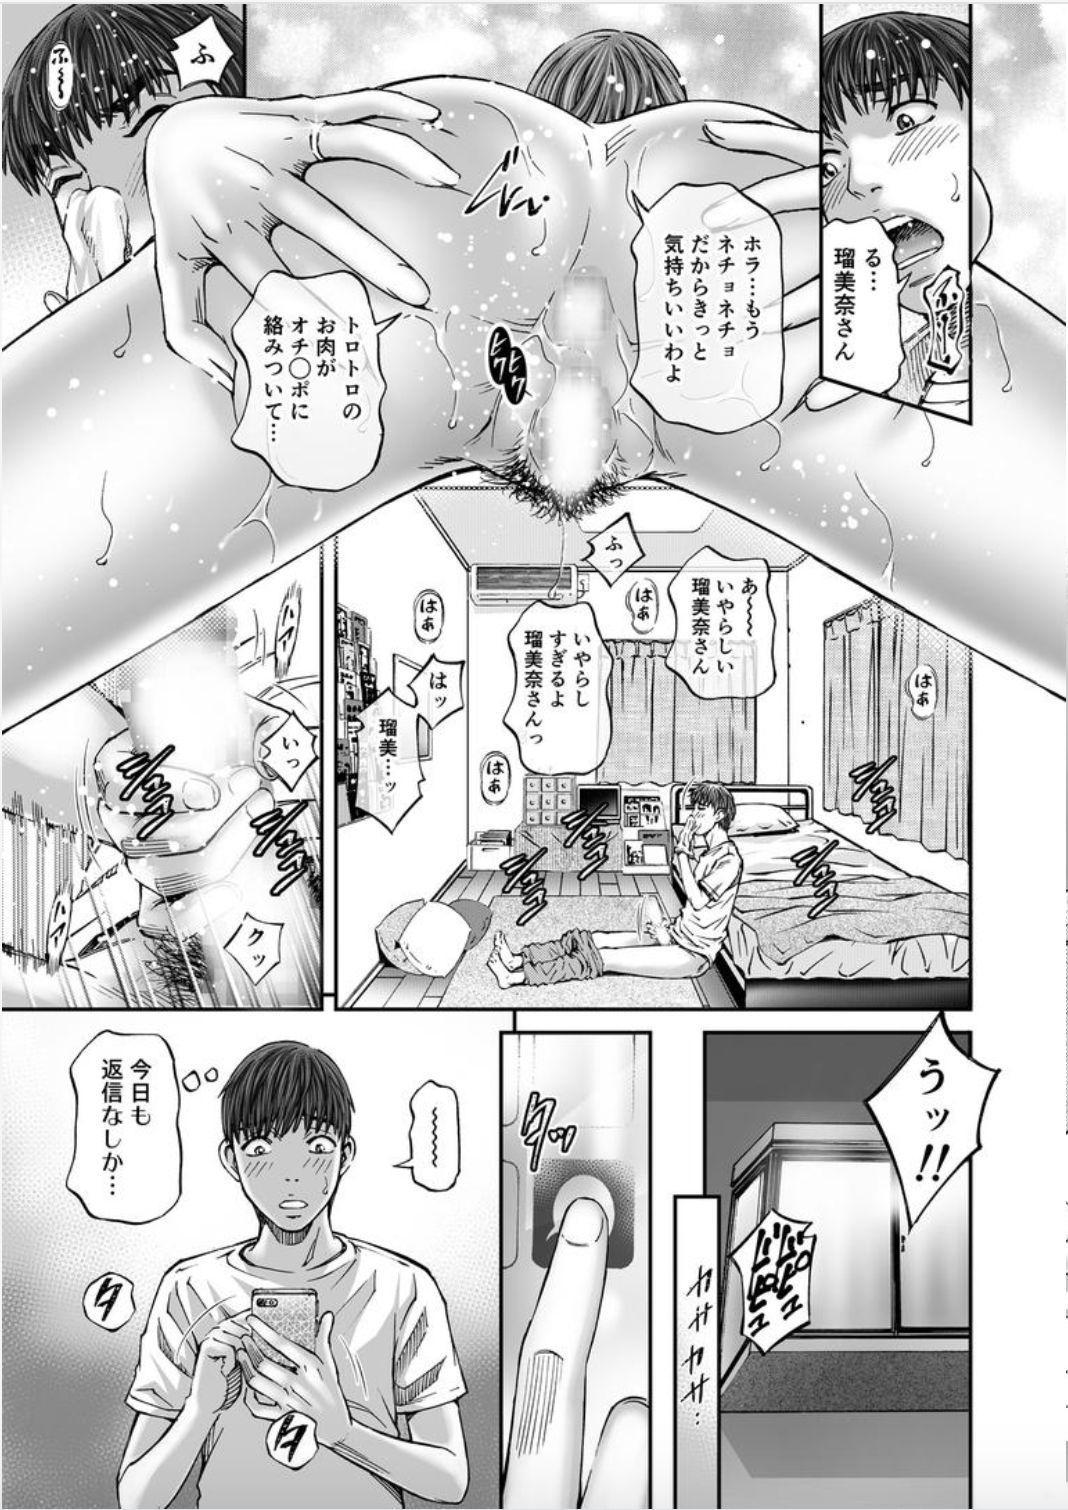 Seisyoku Dance Hitodzuma no chitsueki ni mamirete 1-2 73